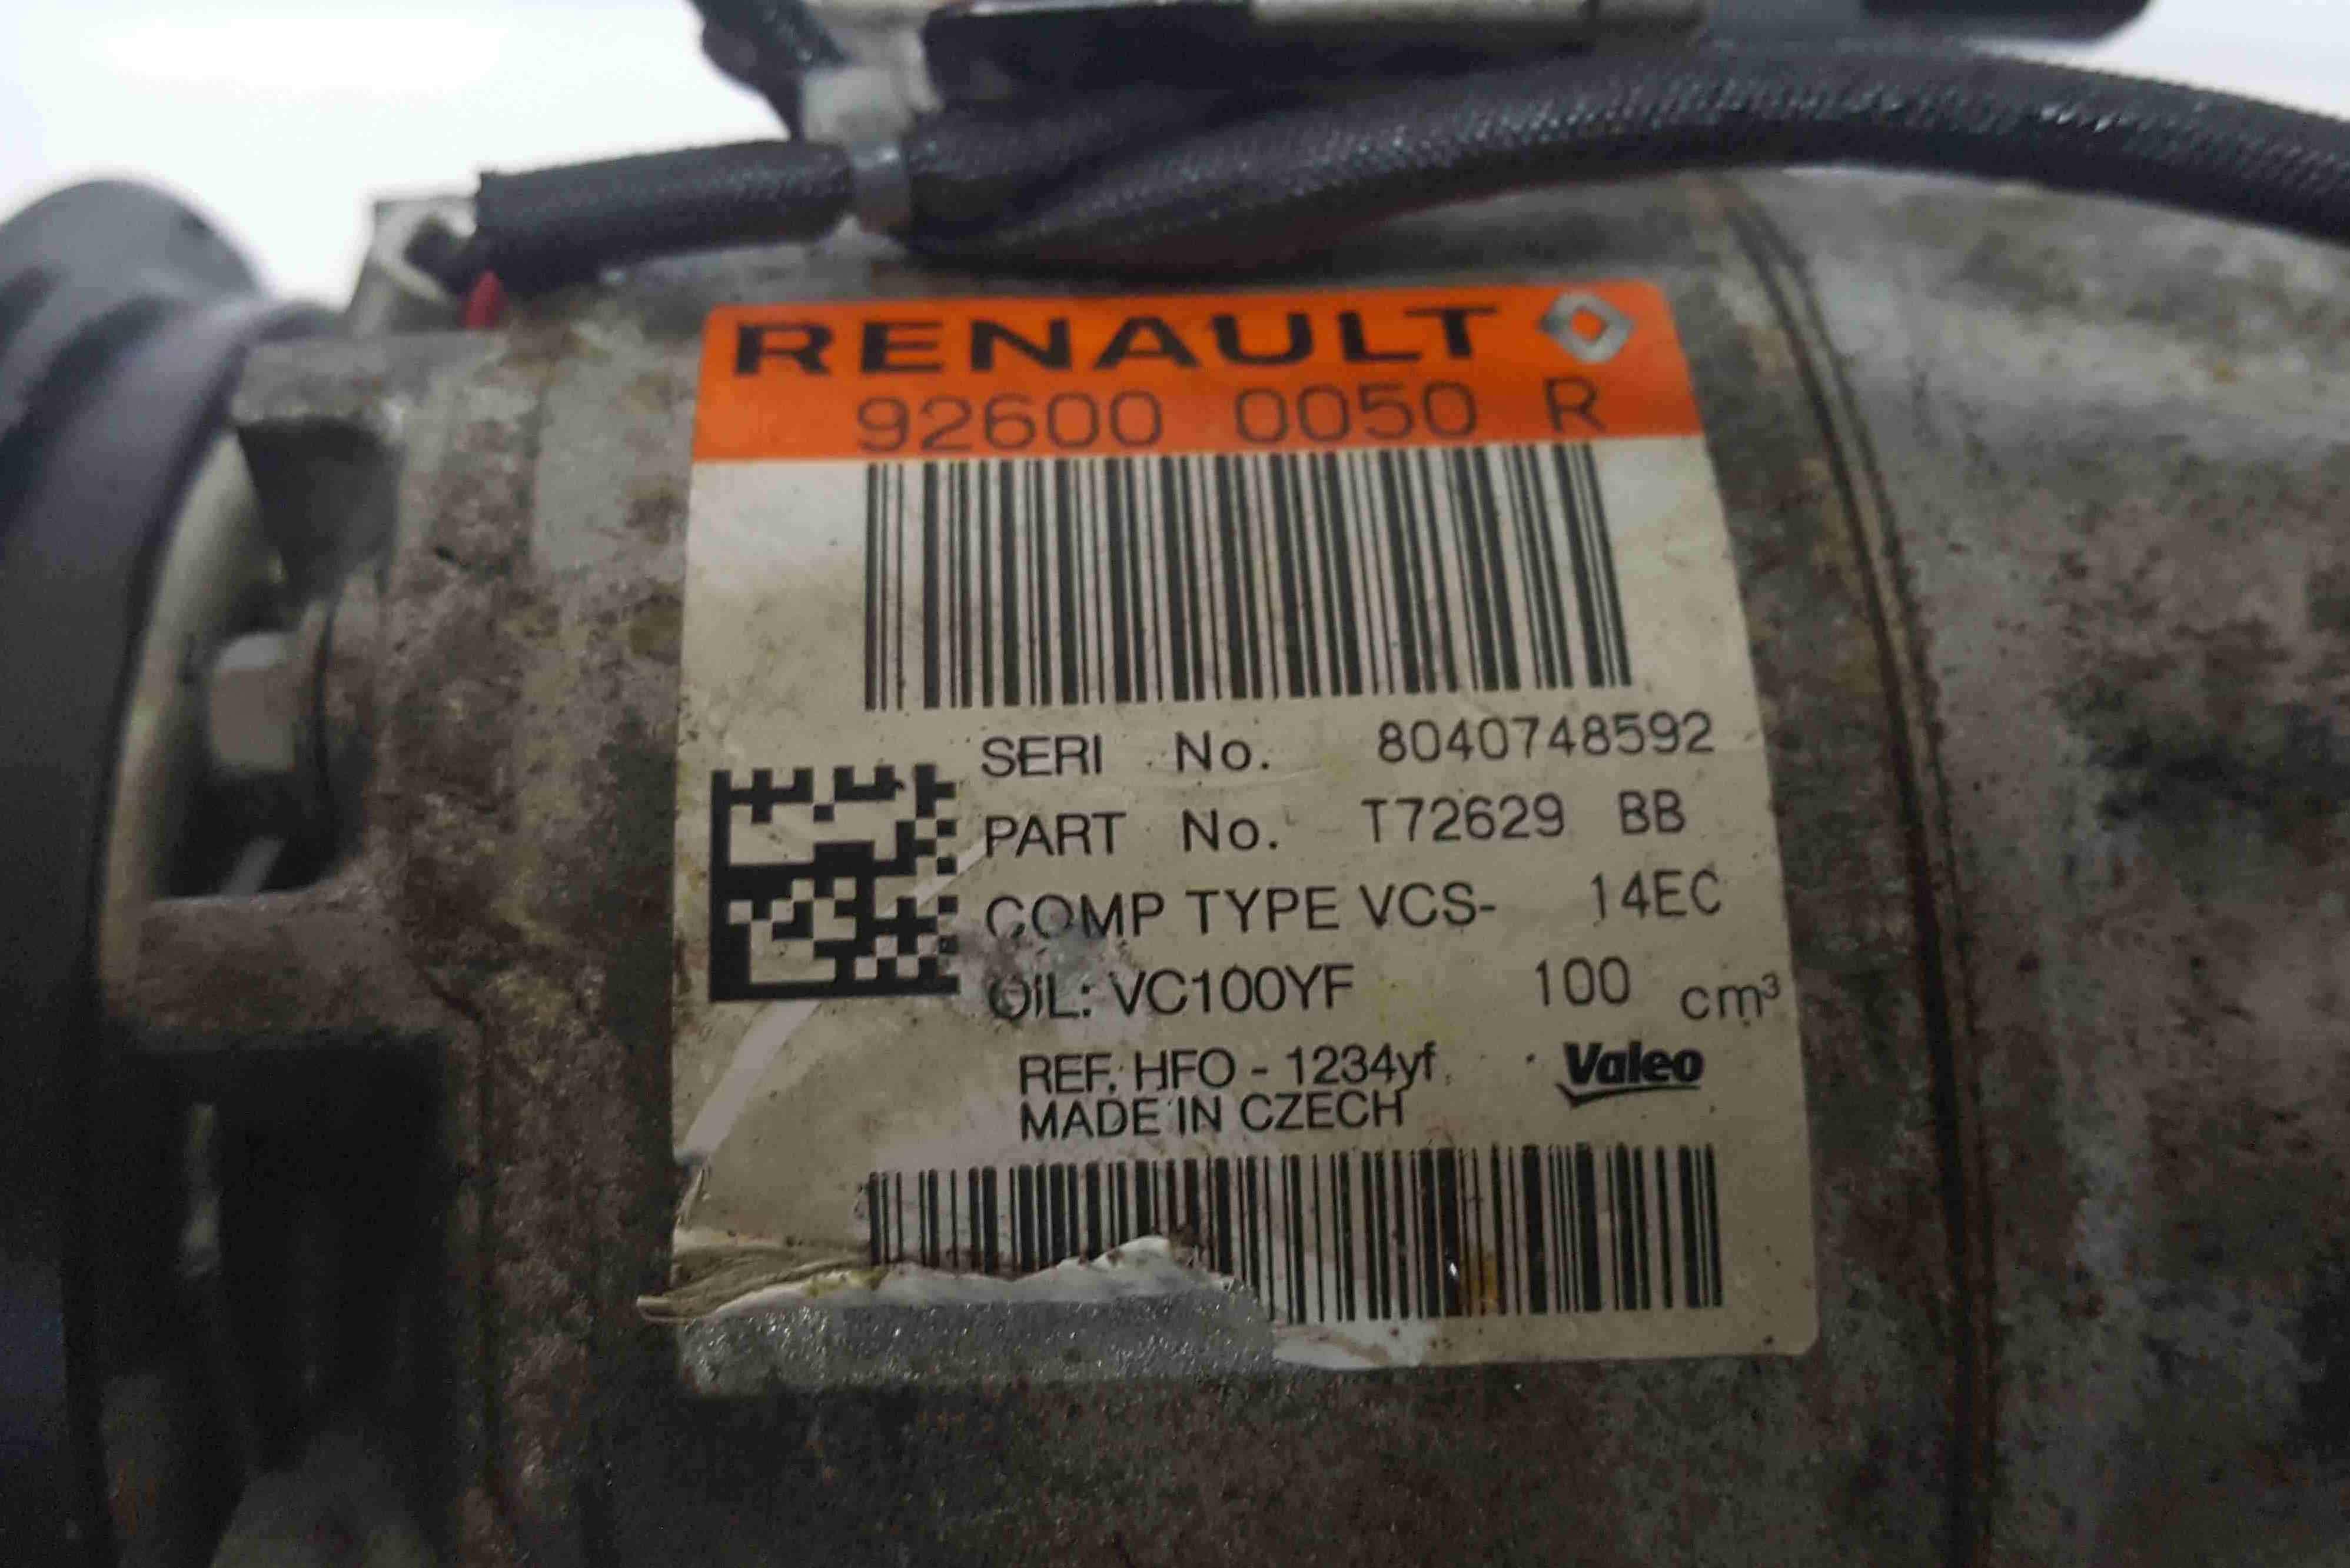 Renault Clio MK4 2012-2018 Aircon Pump Compressor Unit 926000050R